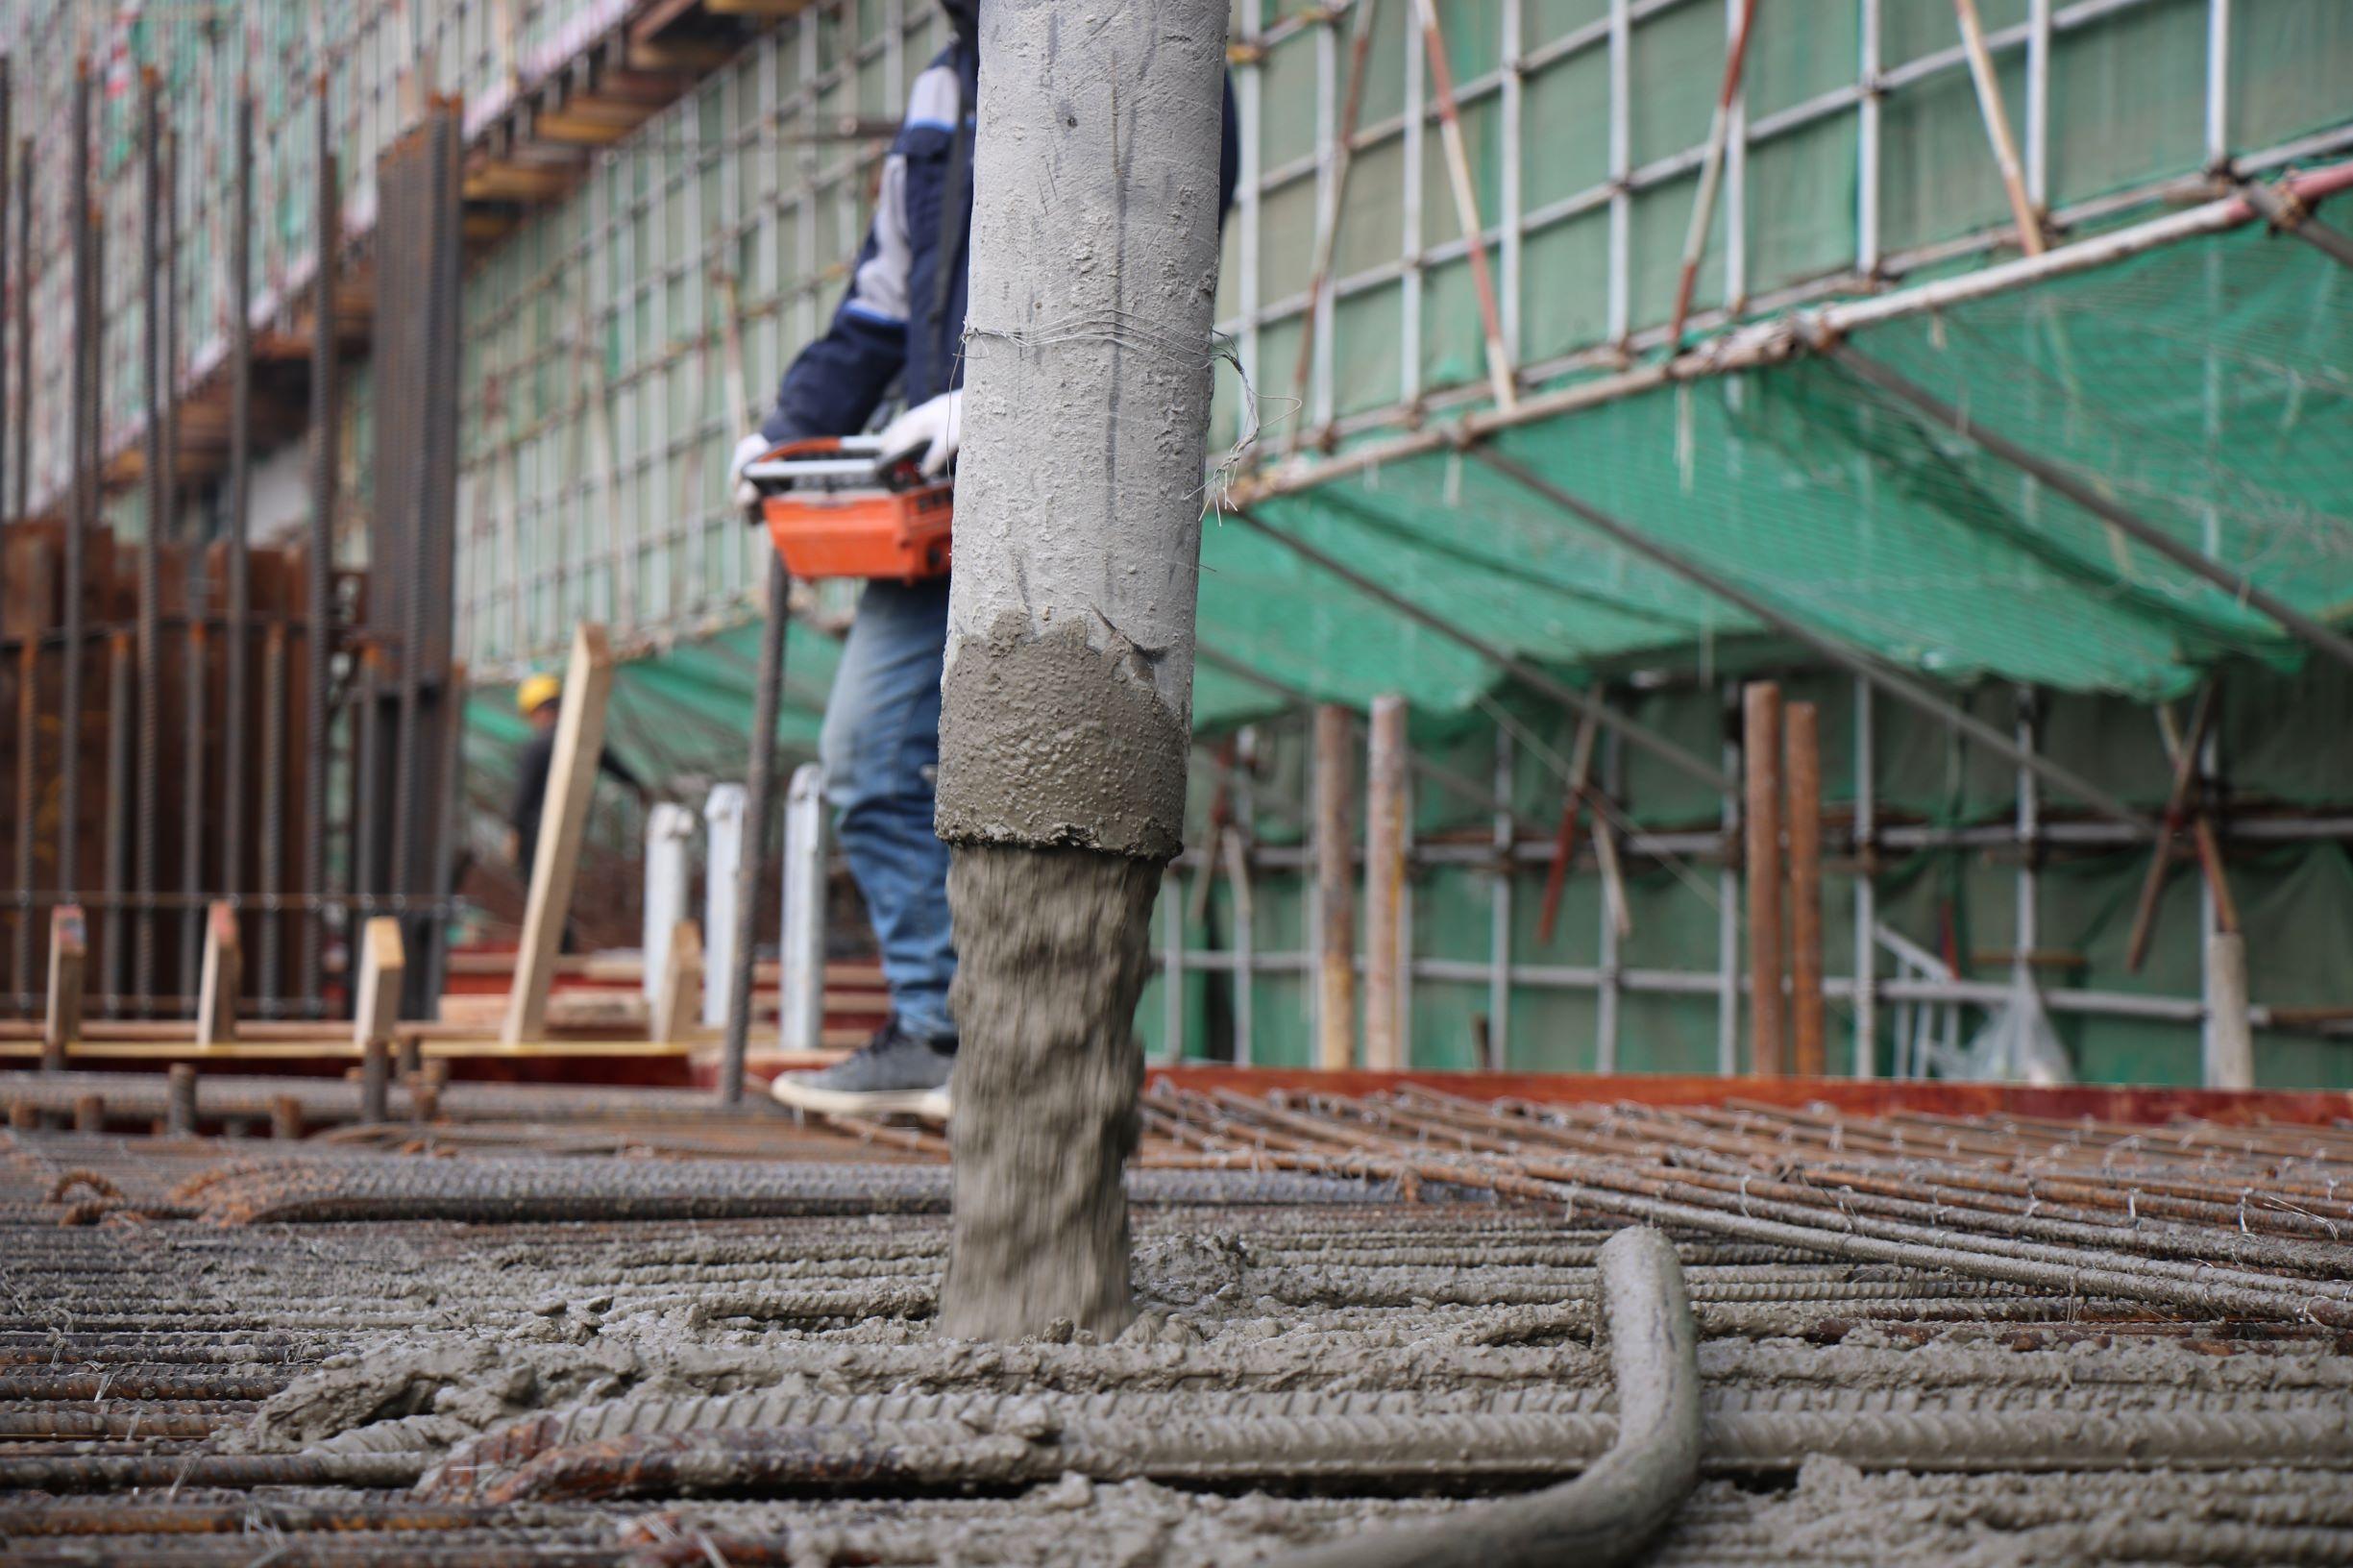 杭州西站机场建设又有新进展,枢纽站房上部结构建设启动